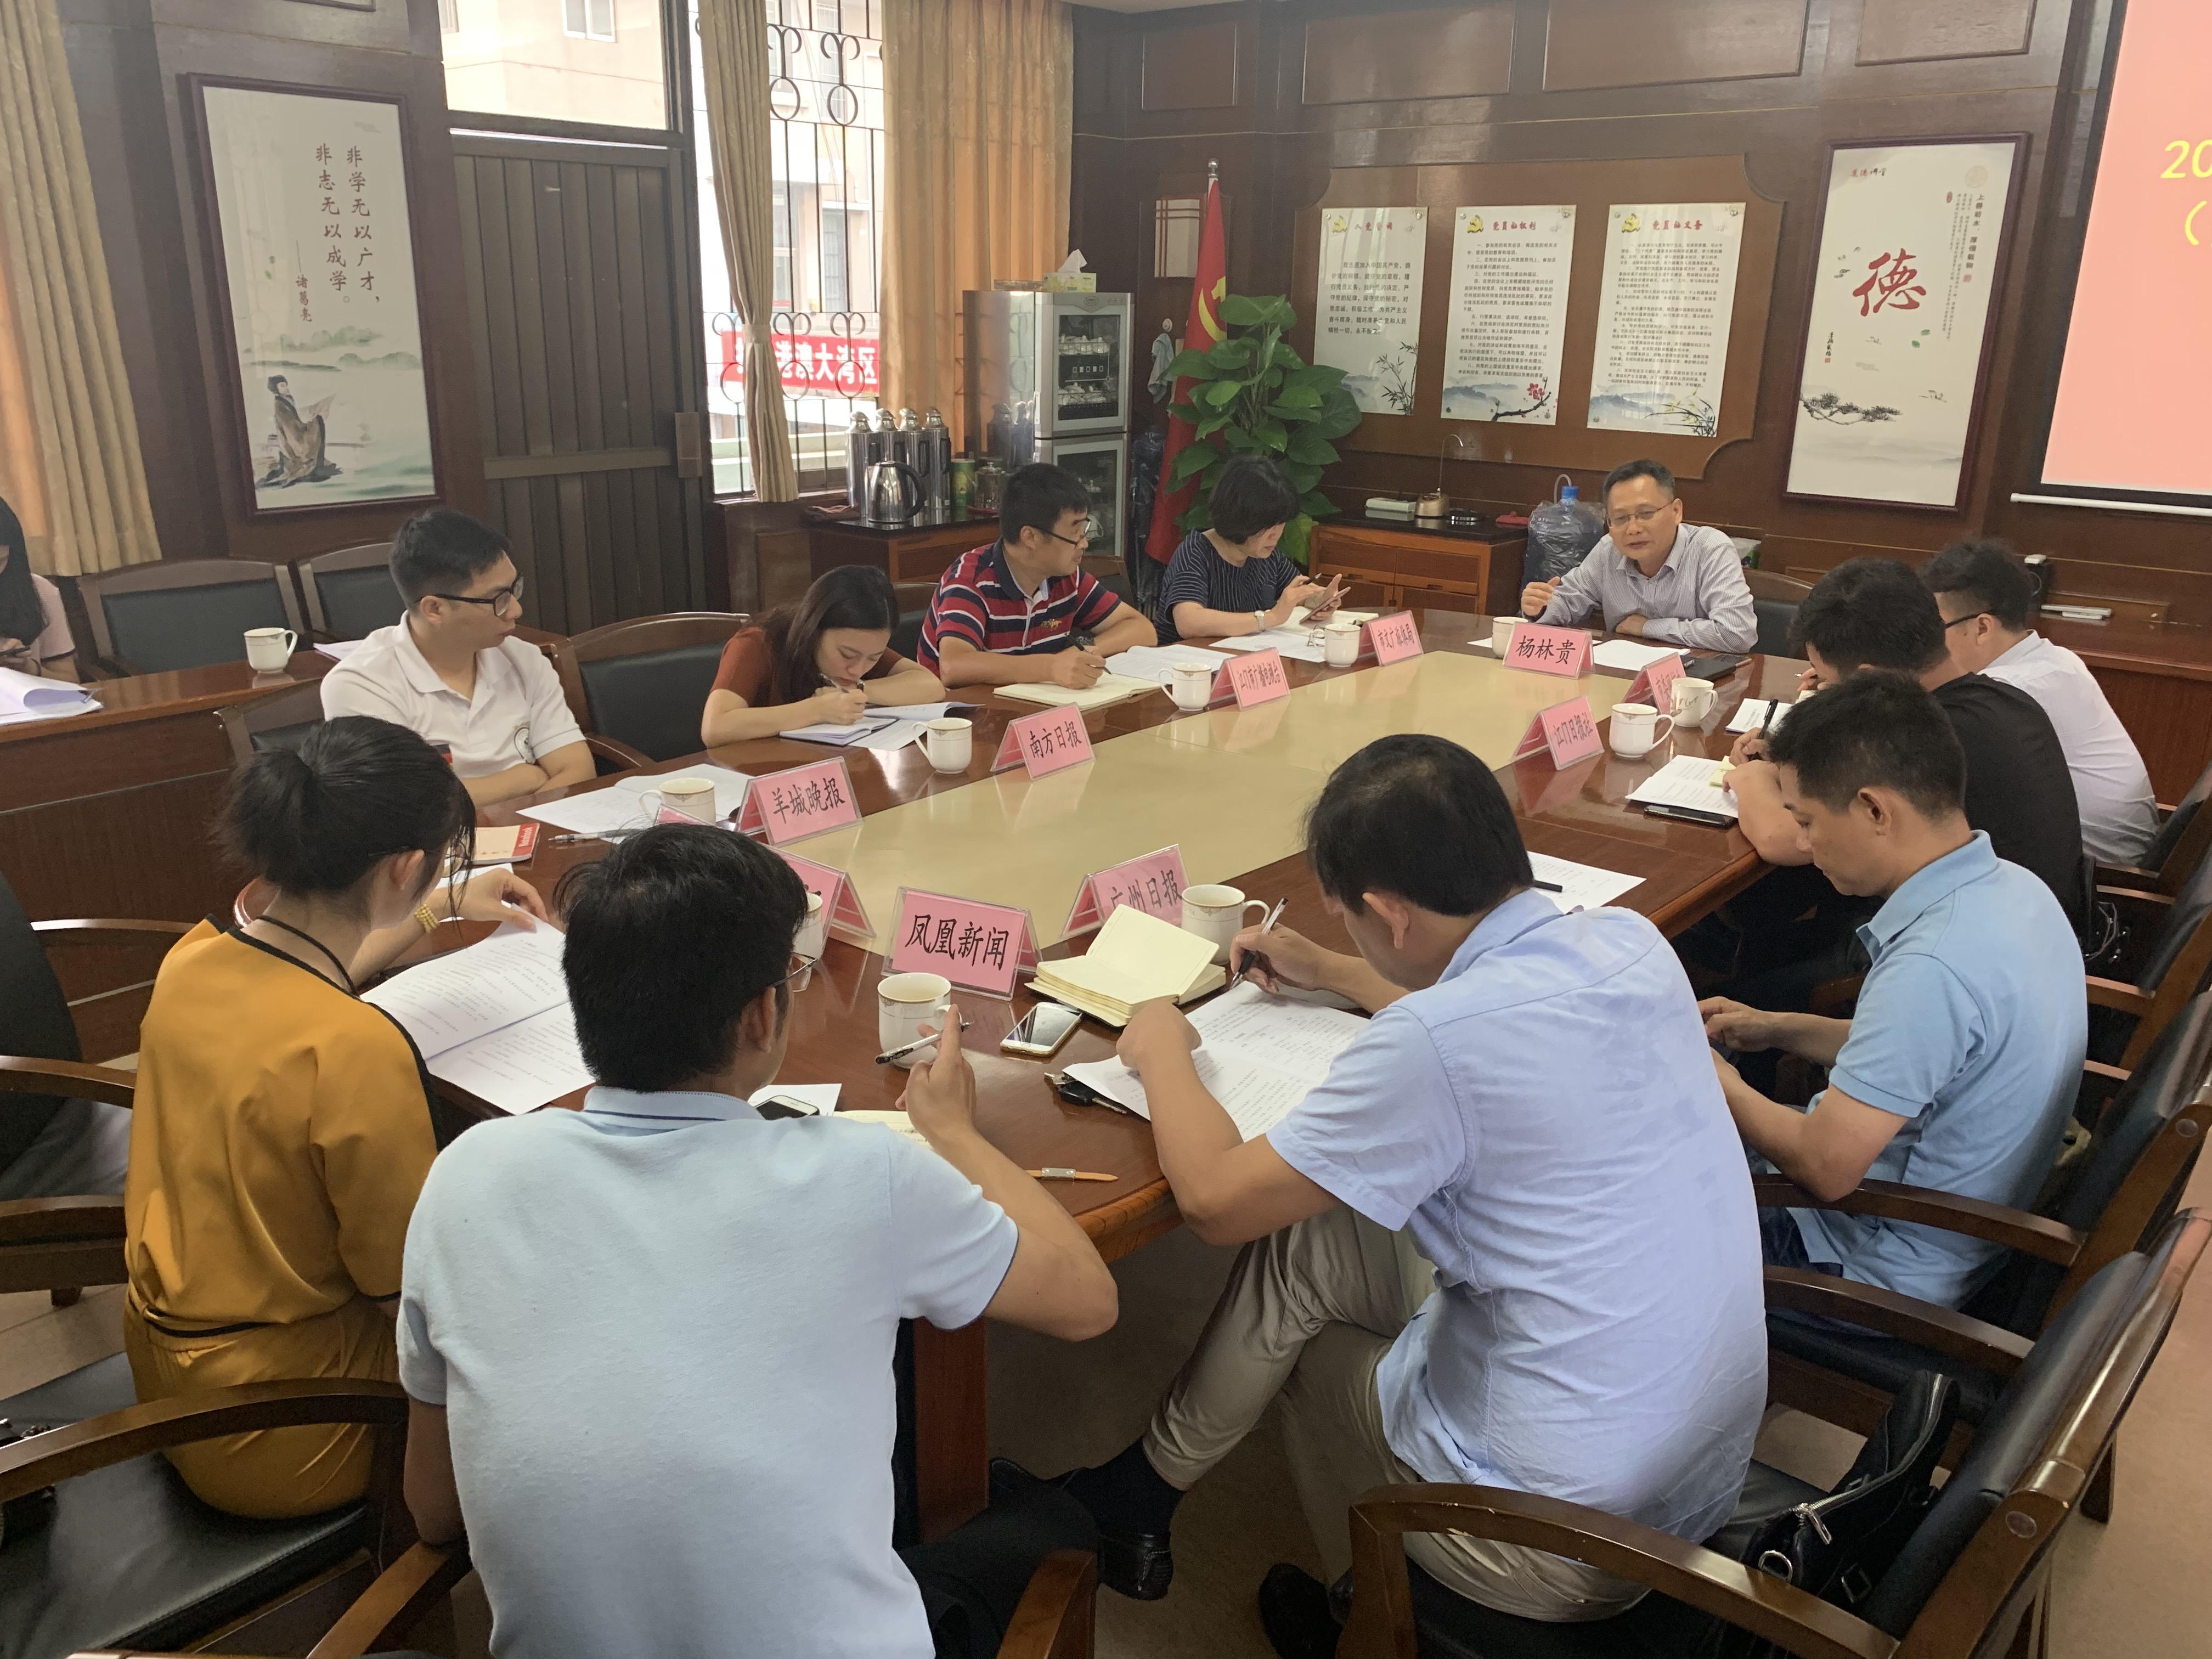 广东省少儿艺术花会将首次走进江门 活动门票免费